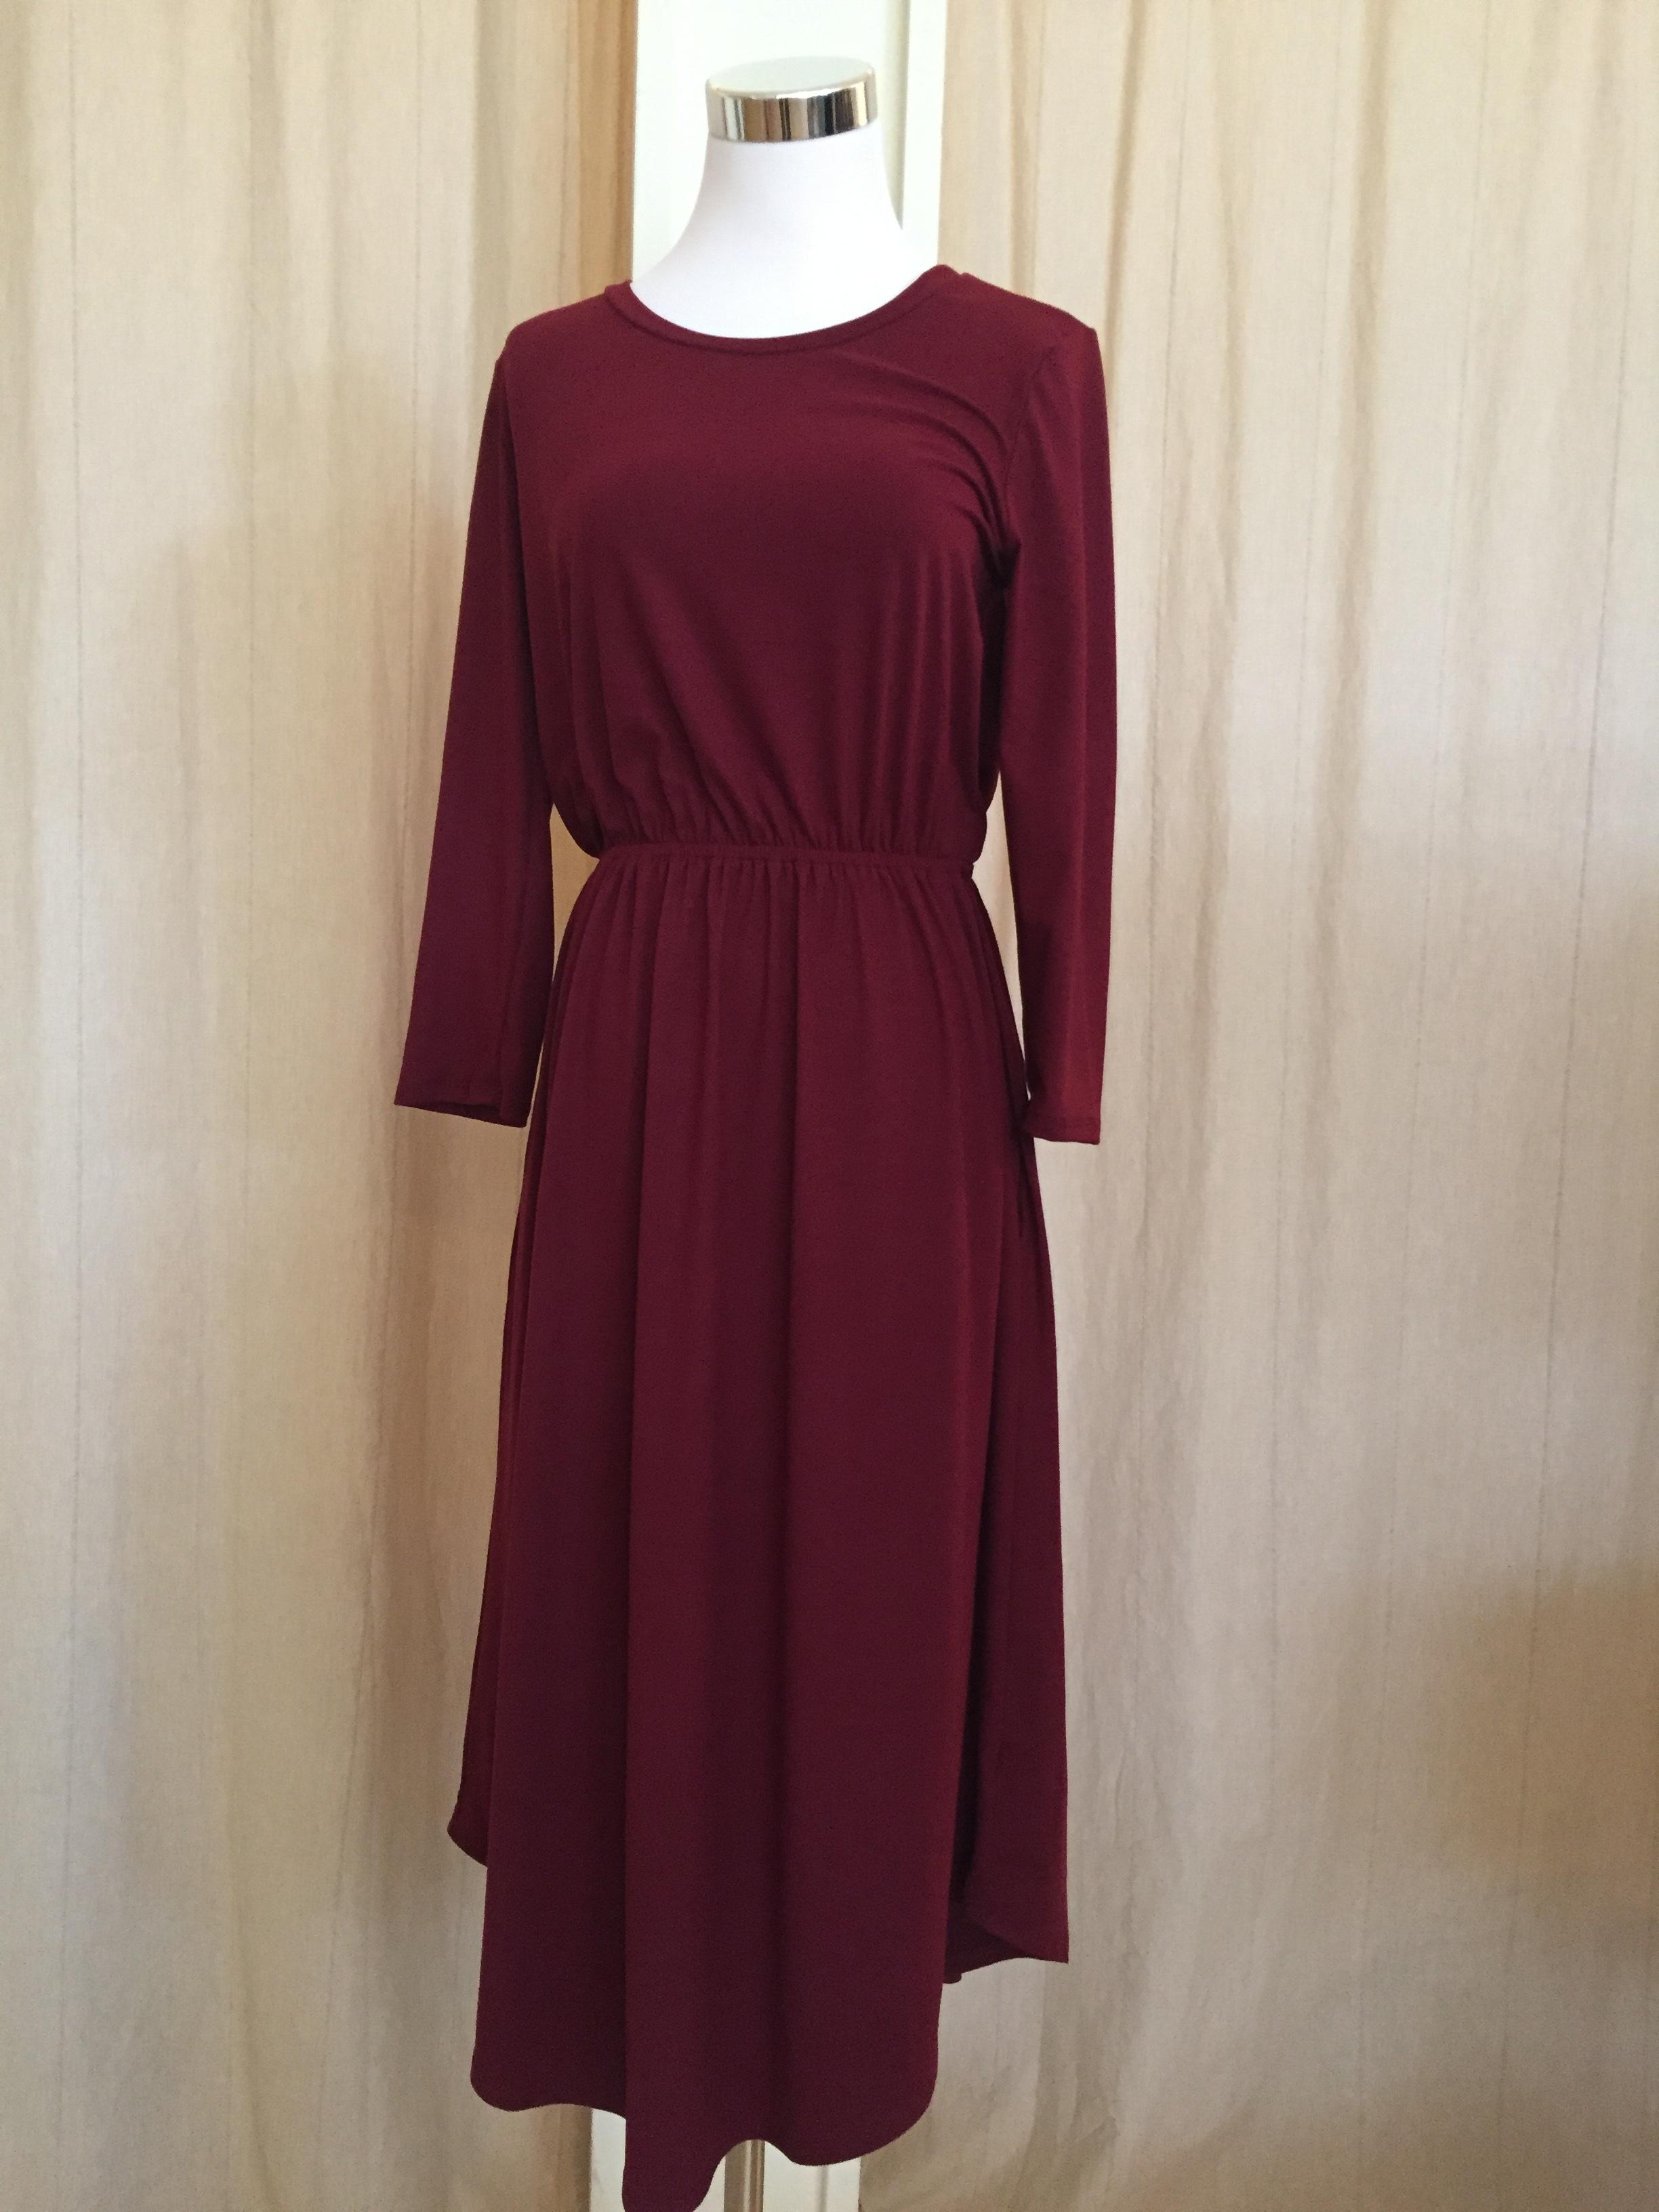 Reborn Red Dress w/ Pockets ($35)